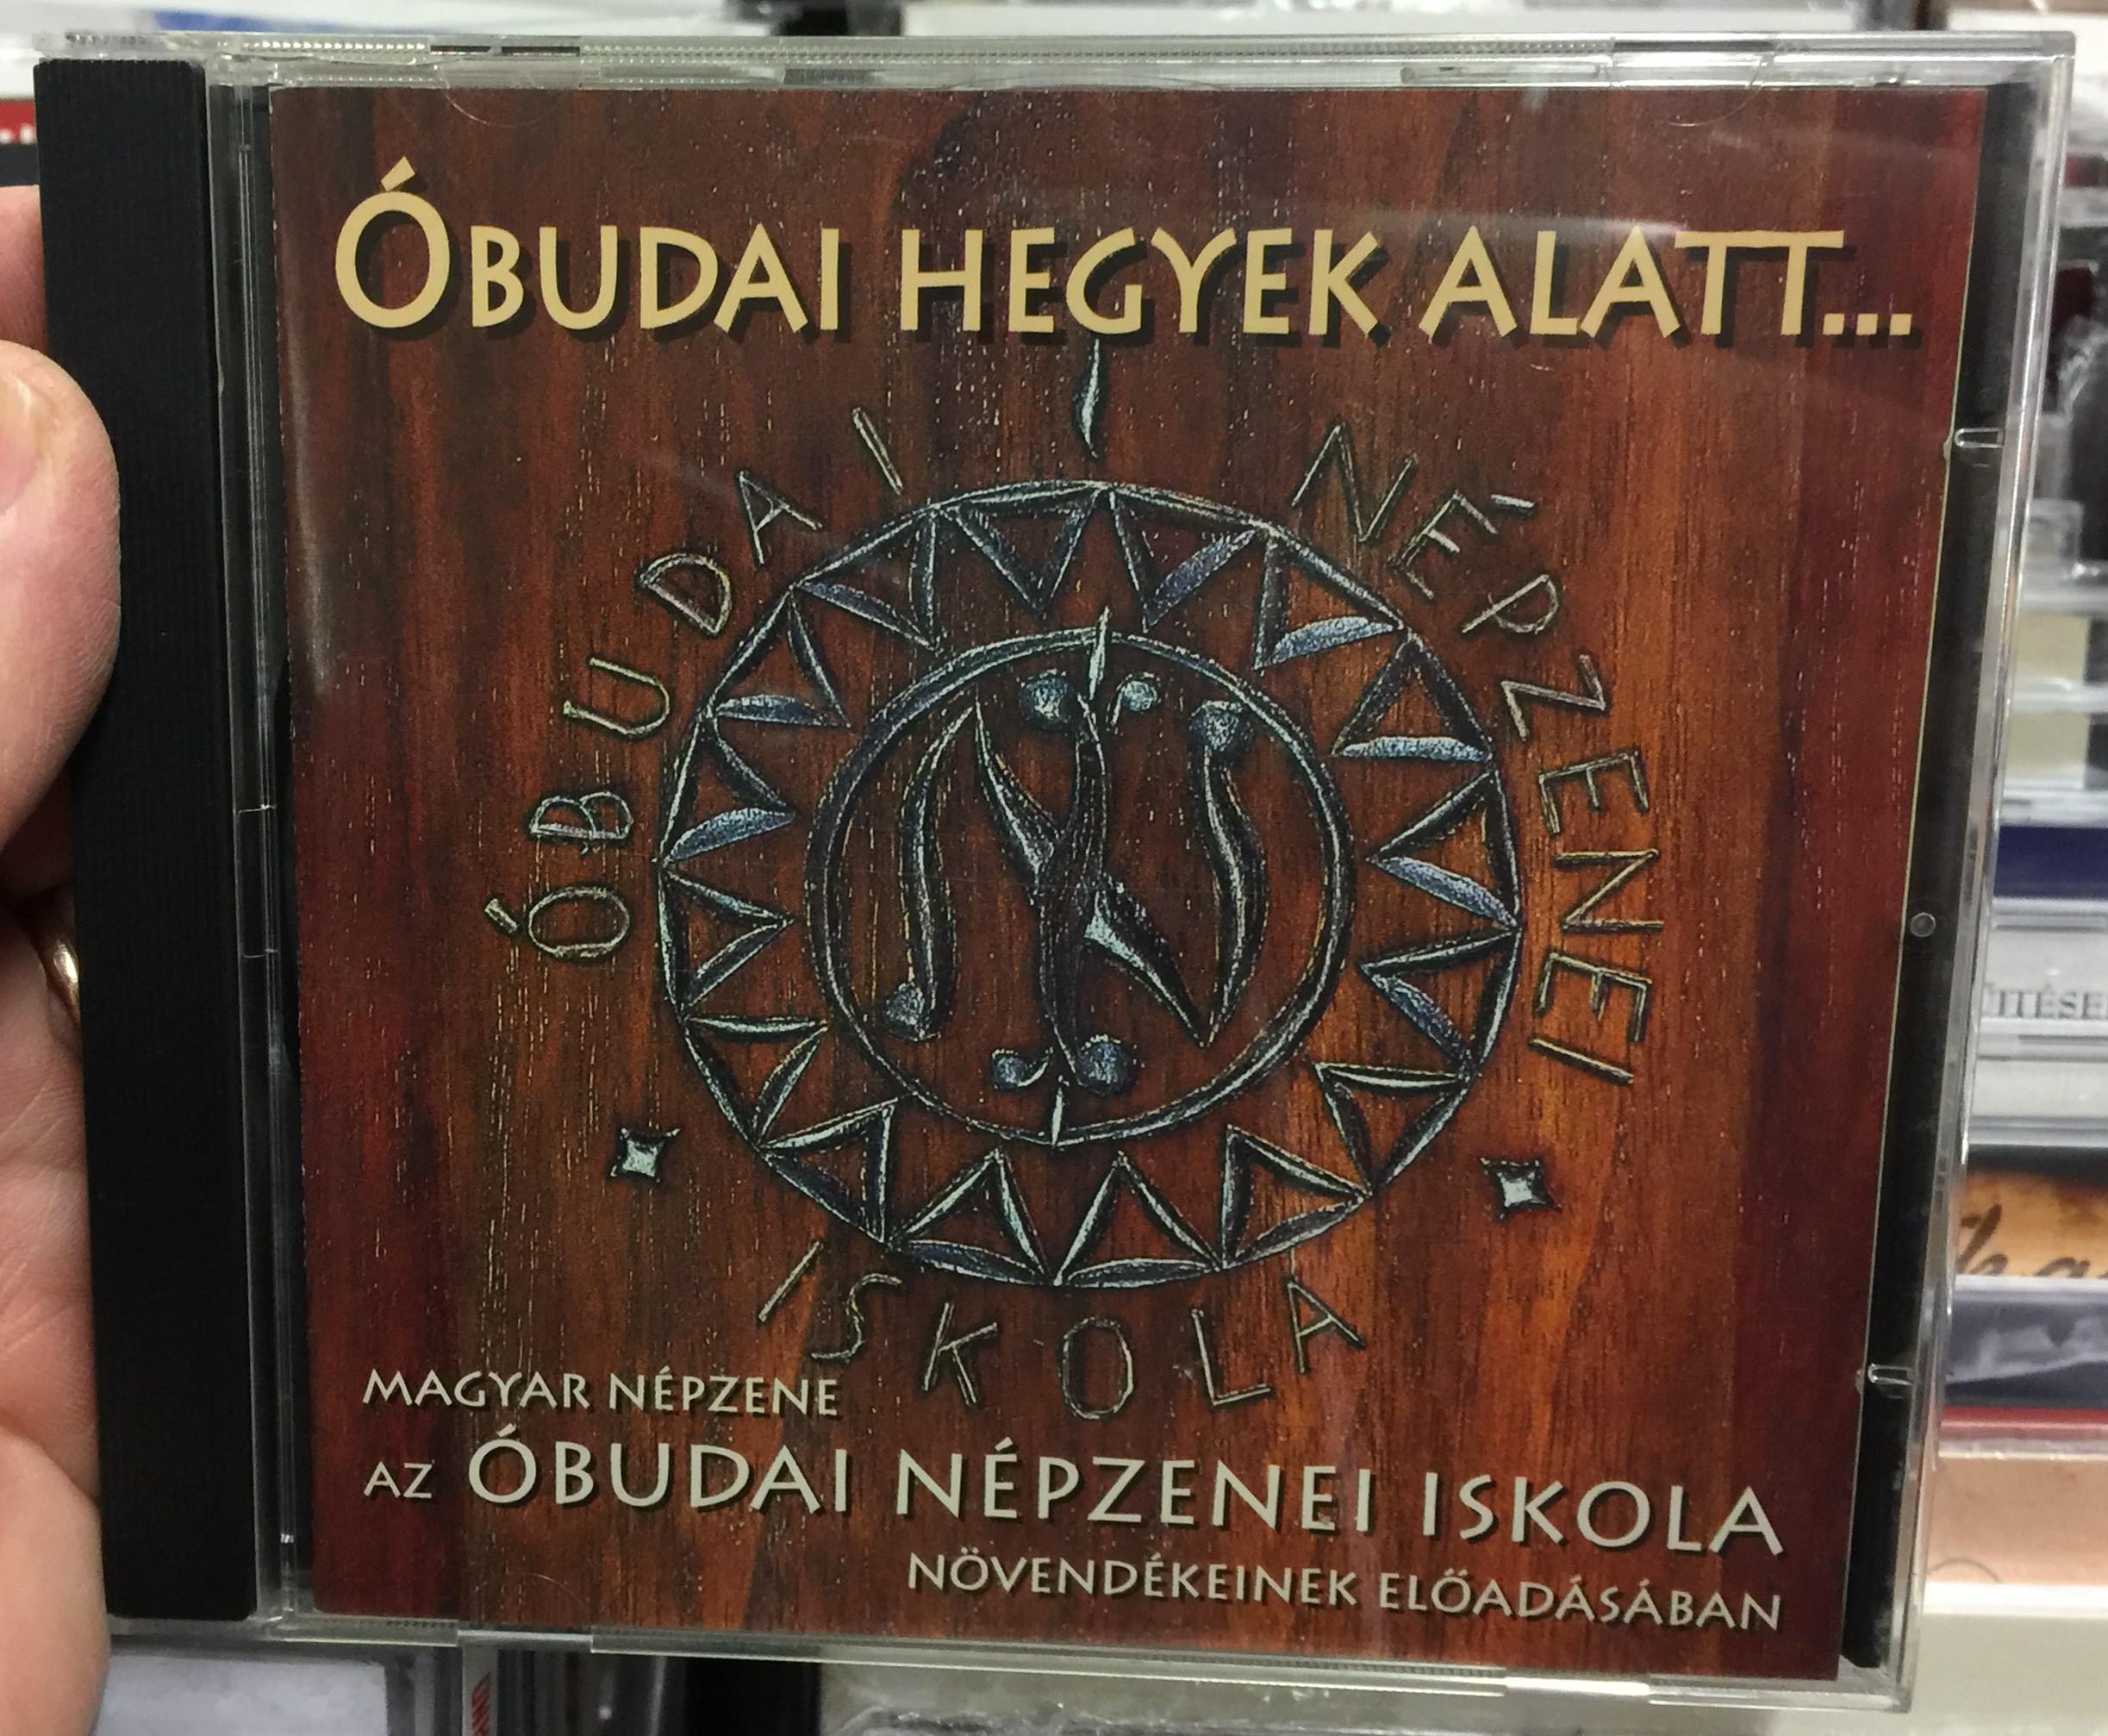 budai-hegyek-alatt...-magyar-nepzene-az-budai-nepzenei-iskola-novendekeinek-eloadasaban-budai-nepzenei-iskola-audio-cd-2005-bs-cd-04-1-.jpg